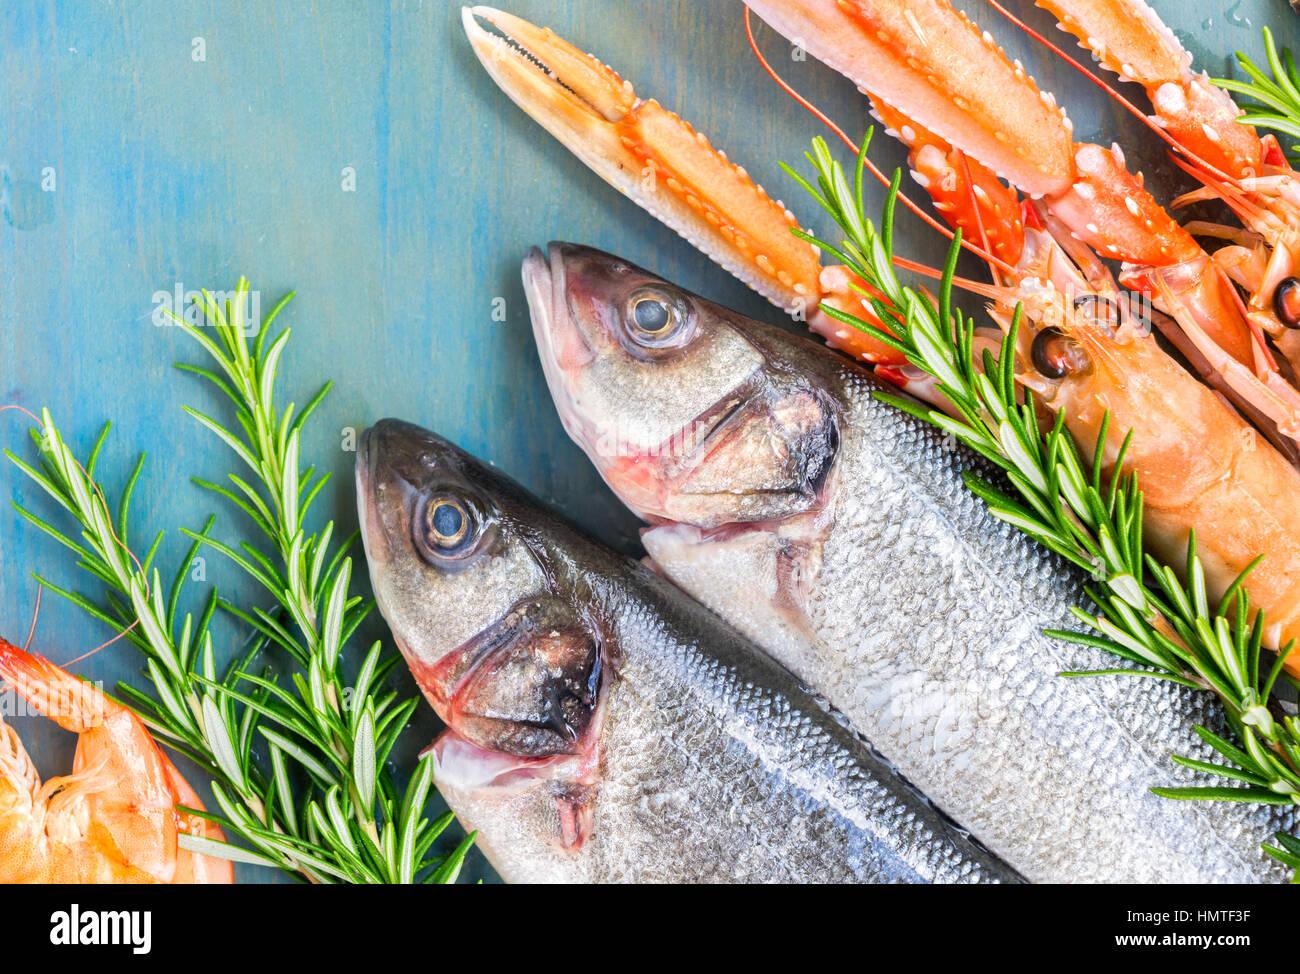 Des fruits de mer sur fond bleu Photo Stock